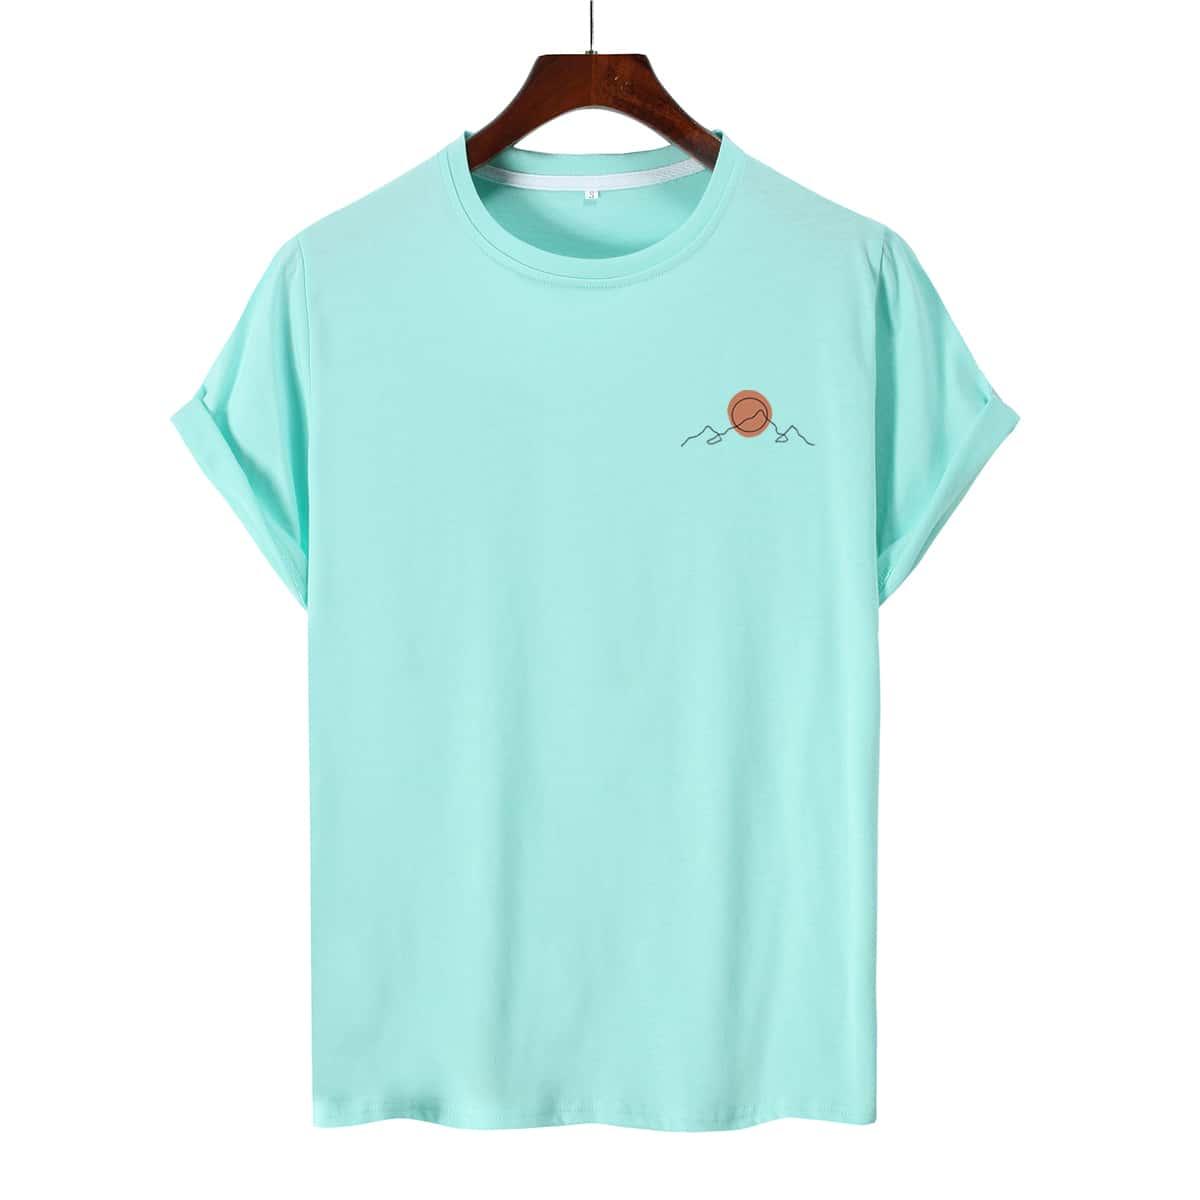 Мужская футболка с графическим принтом